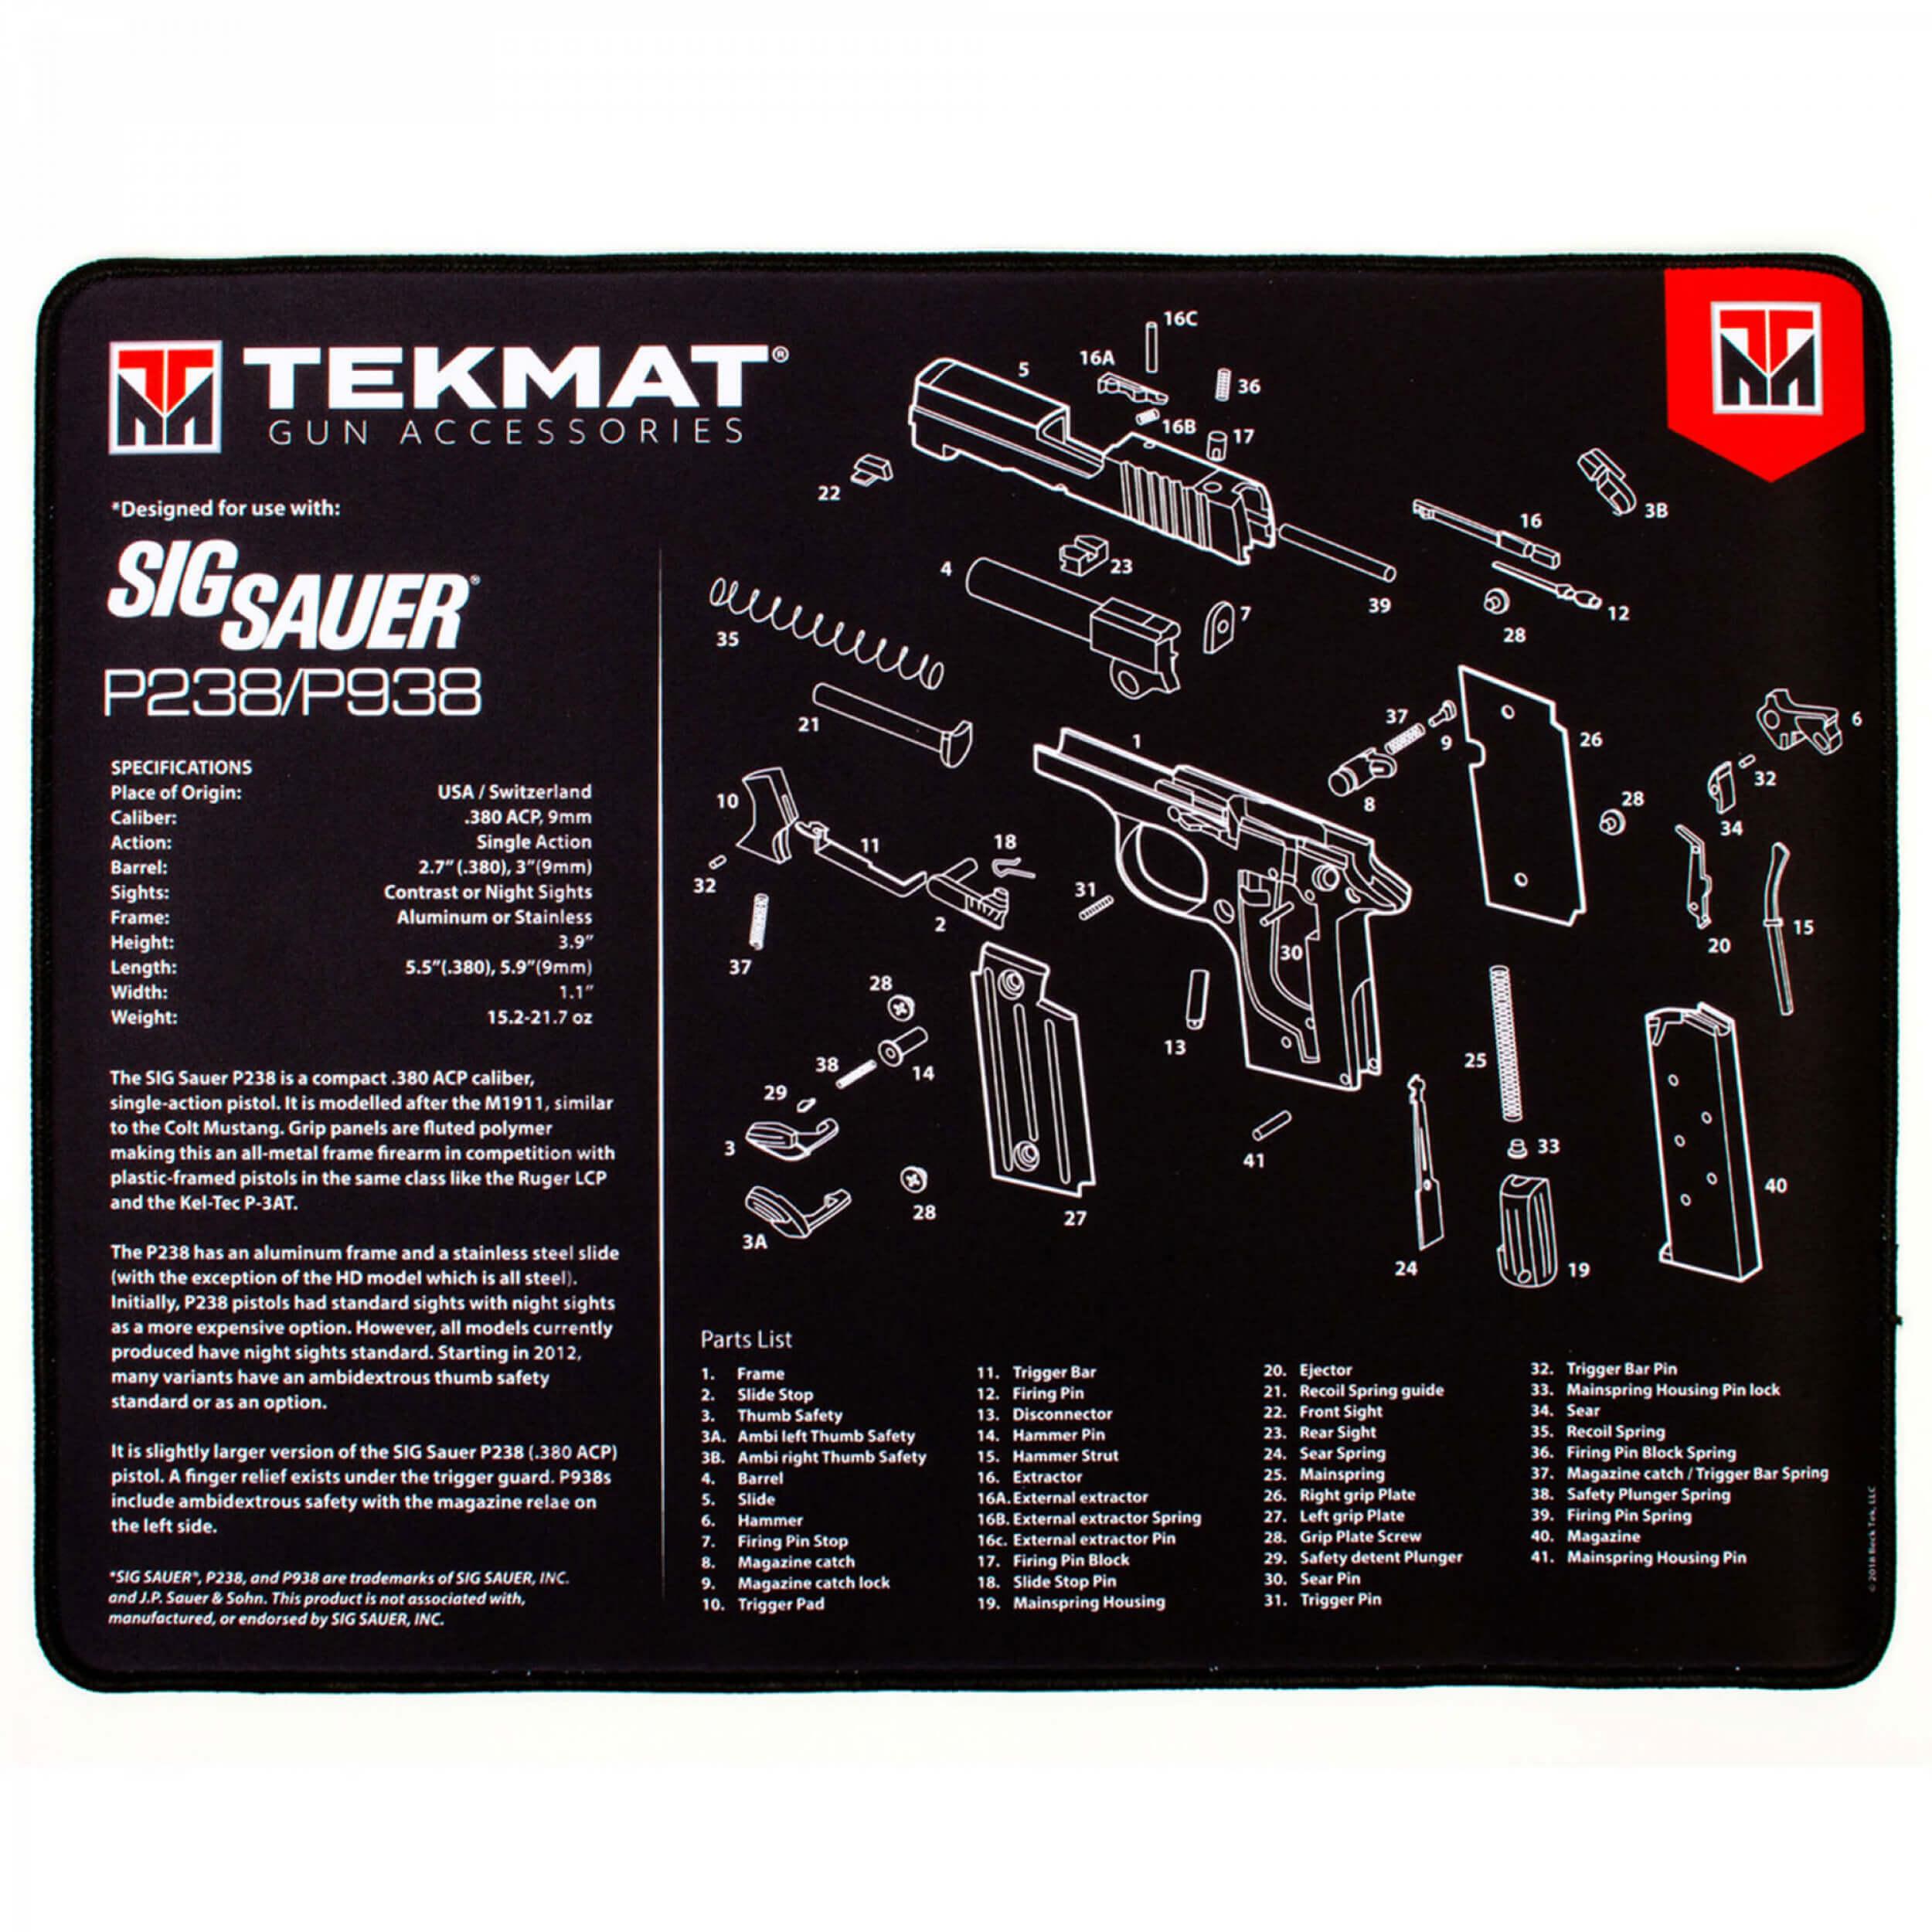 TEKMAT Sig Sauer P238/P938 Ultra Premium Waffenreinigungsmatte 15x25 Zoll B-WARE